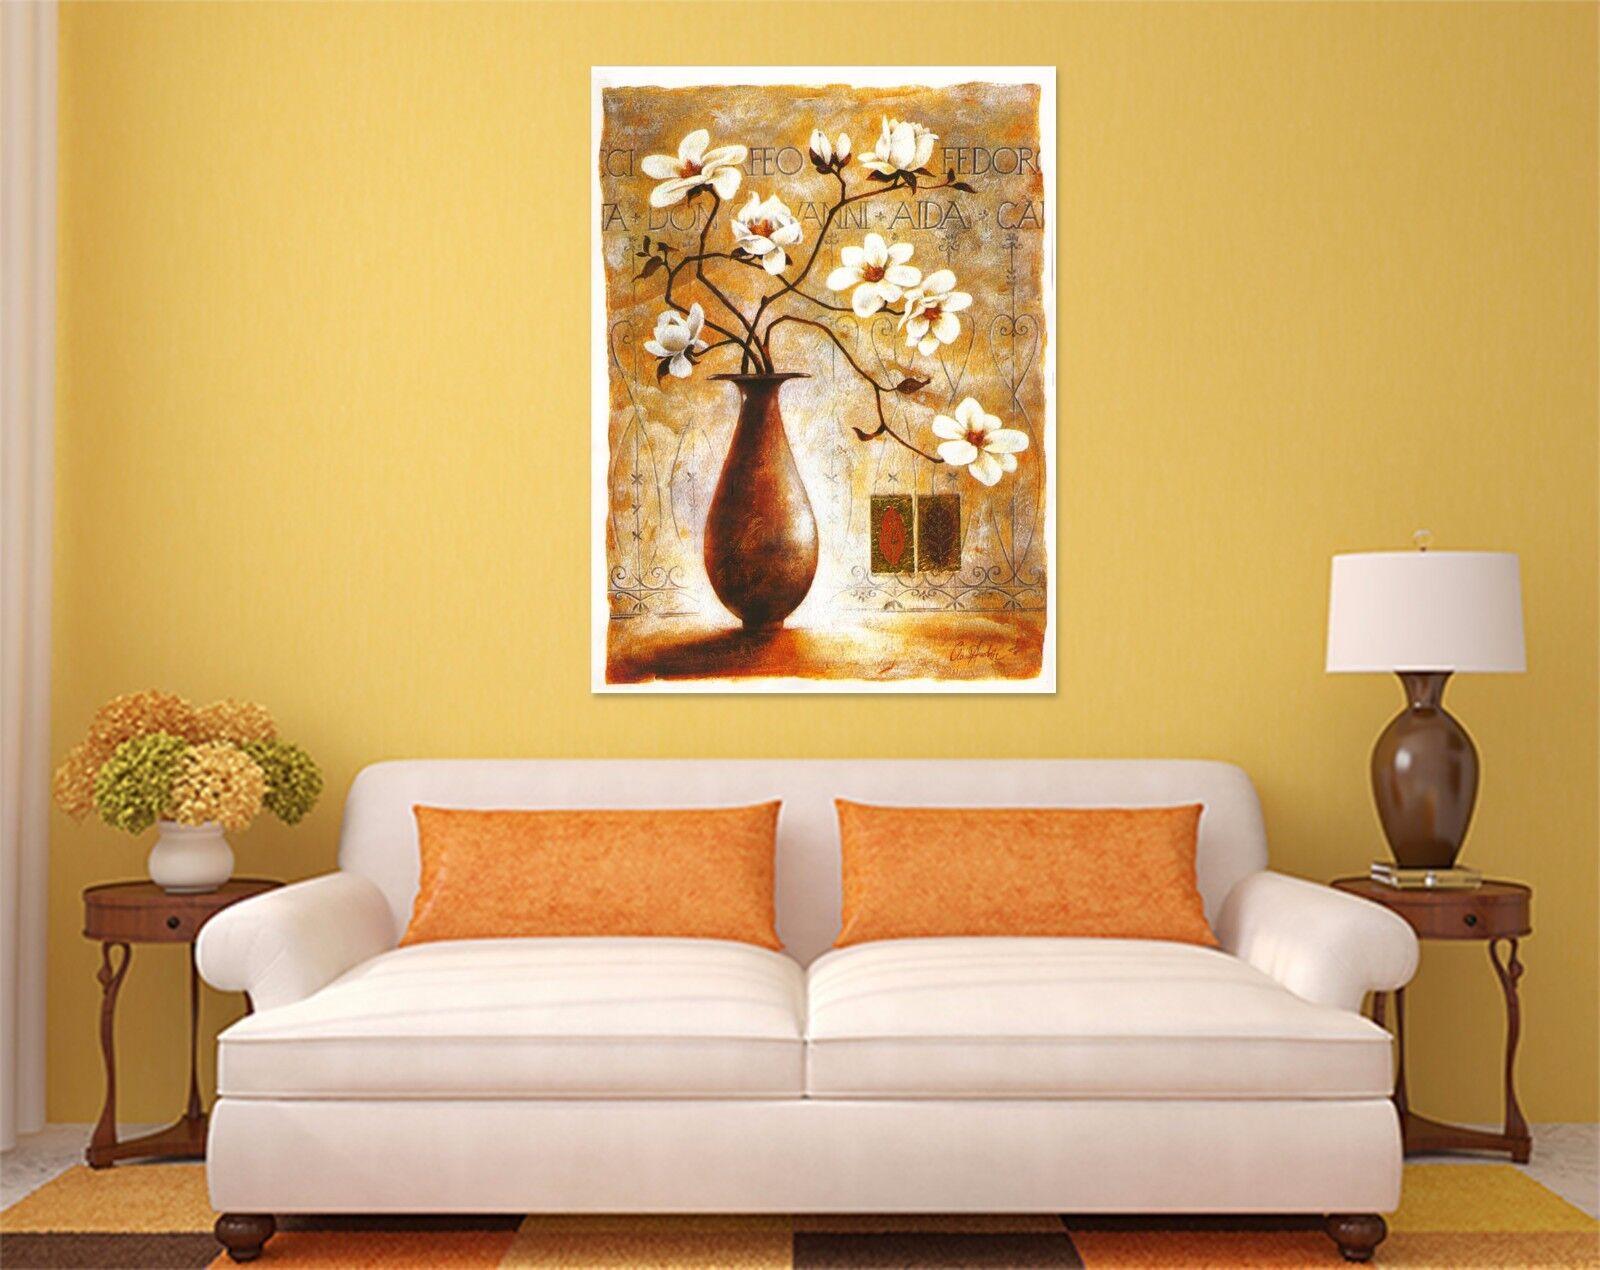 3D Knstlerische Blaumen Vasen 8 Fototapeten Wandbild BildTapete AJSTORE DE Lemon